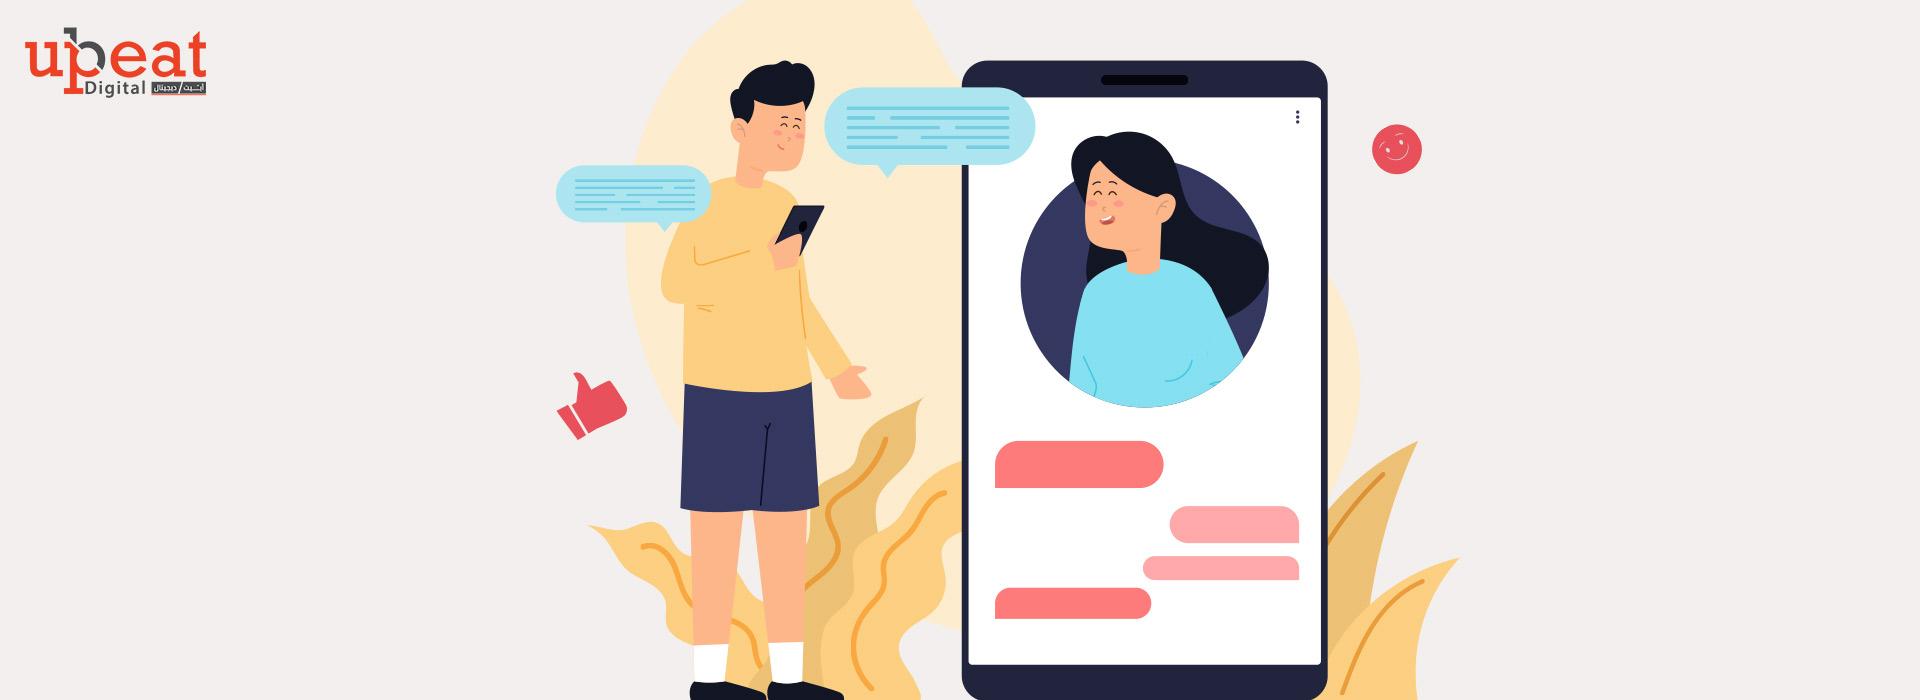 تصميم تطبيق تواصل اجتماعي